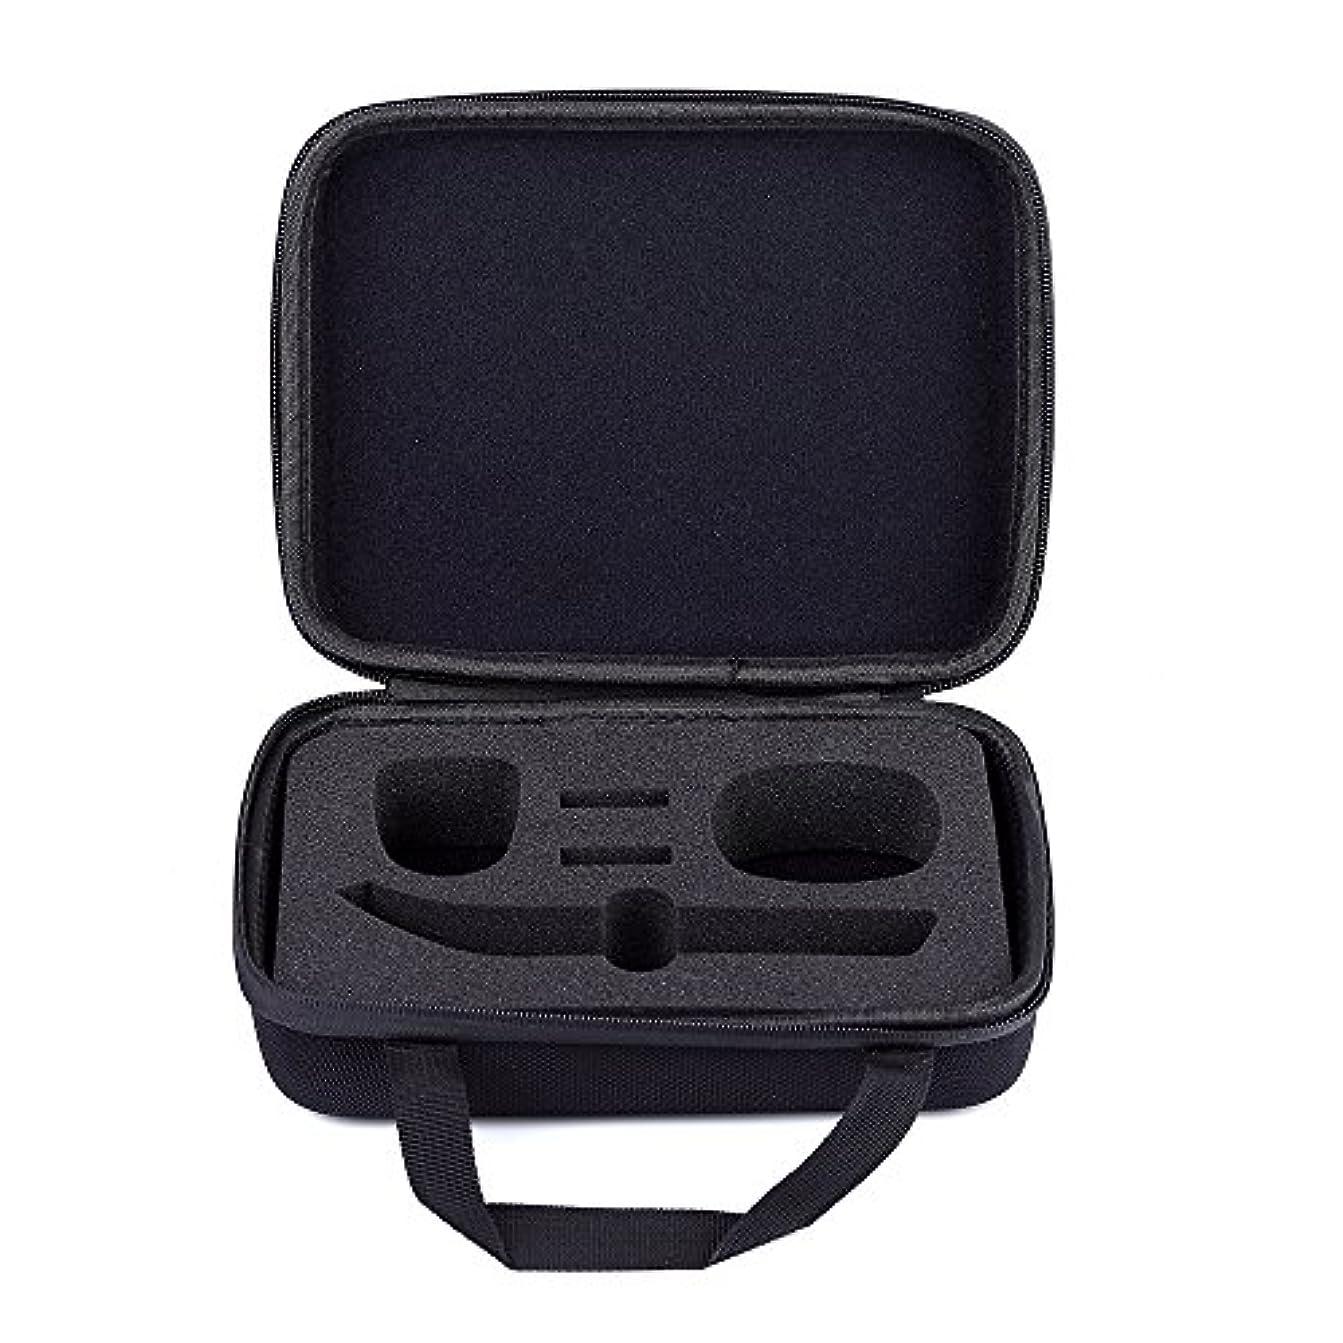 解明風変わりな売り手ACAMPTAR トラベルのハードバッグ、携帯用ケース、Norelco Oneblade Pro用、転倒防止、防水、実用的なPhilipsシェーバー用の収納ボックス